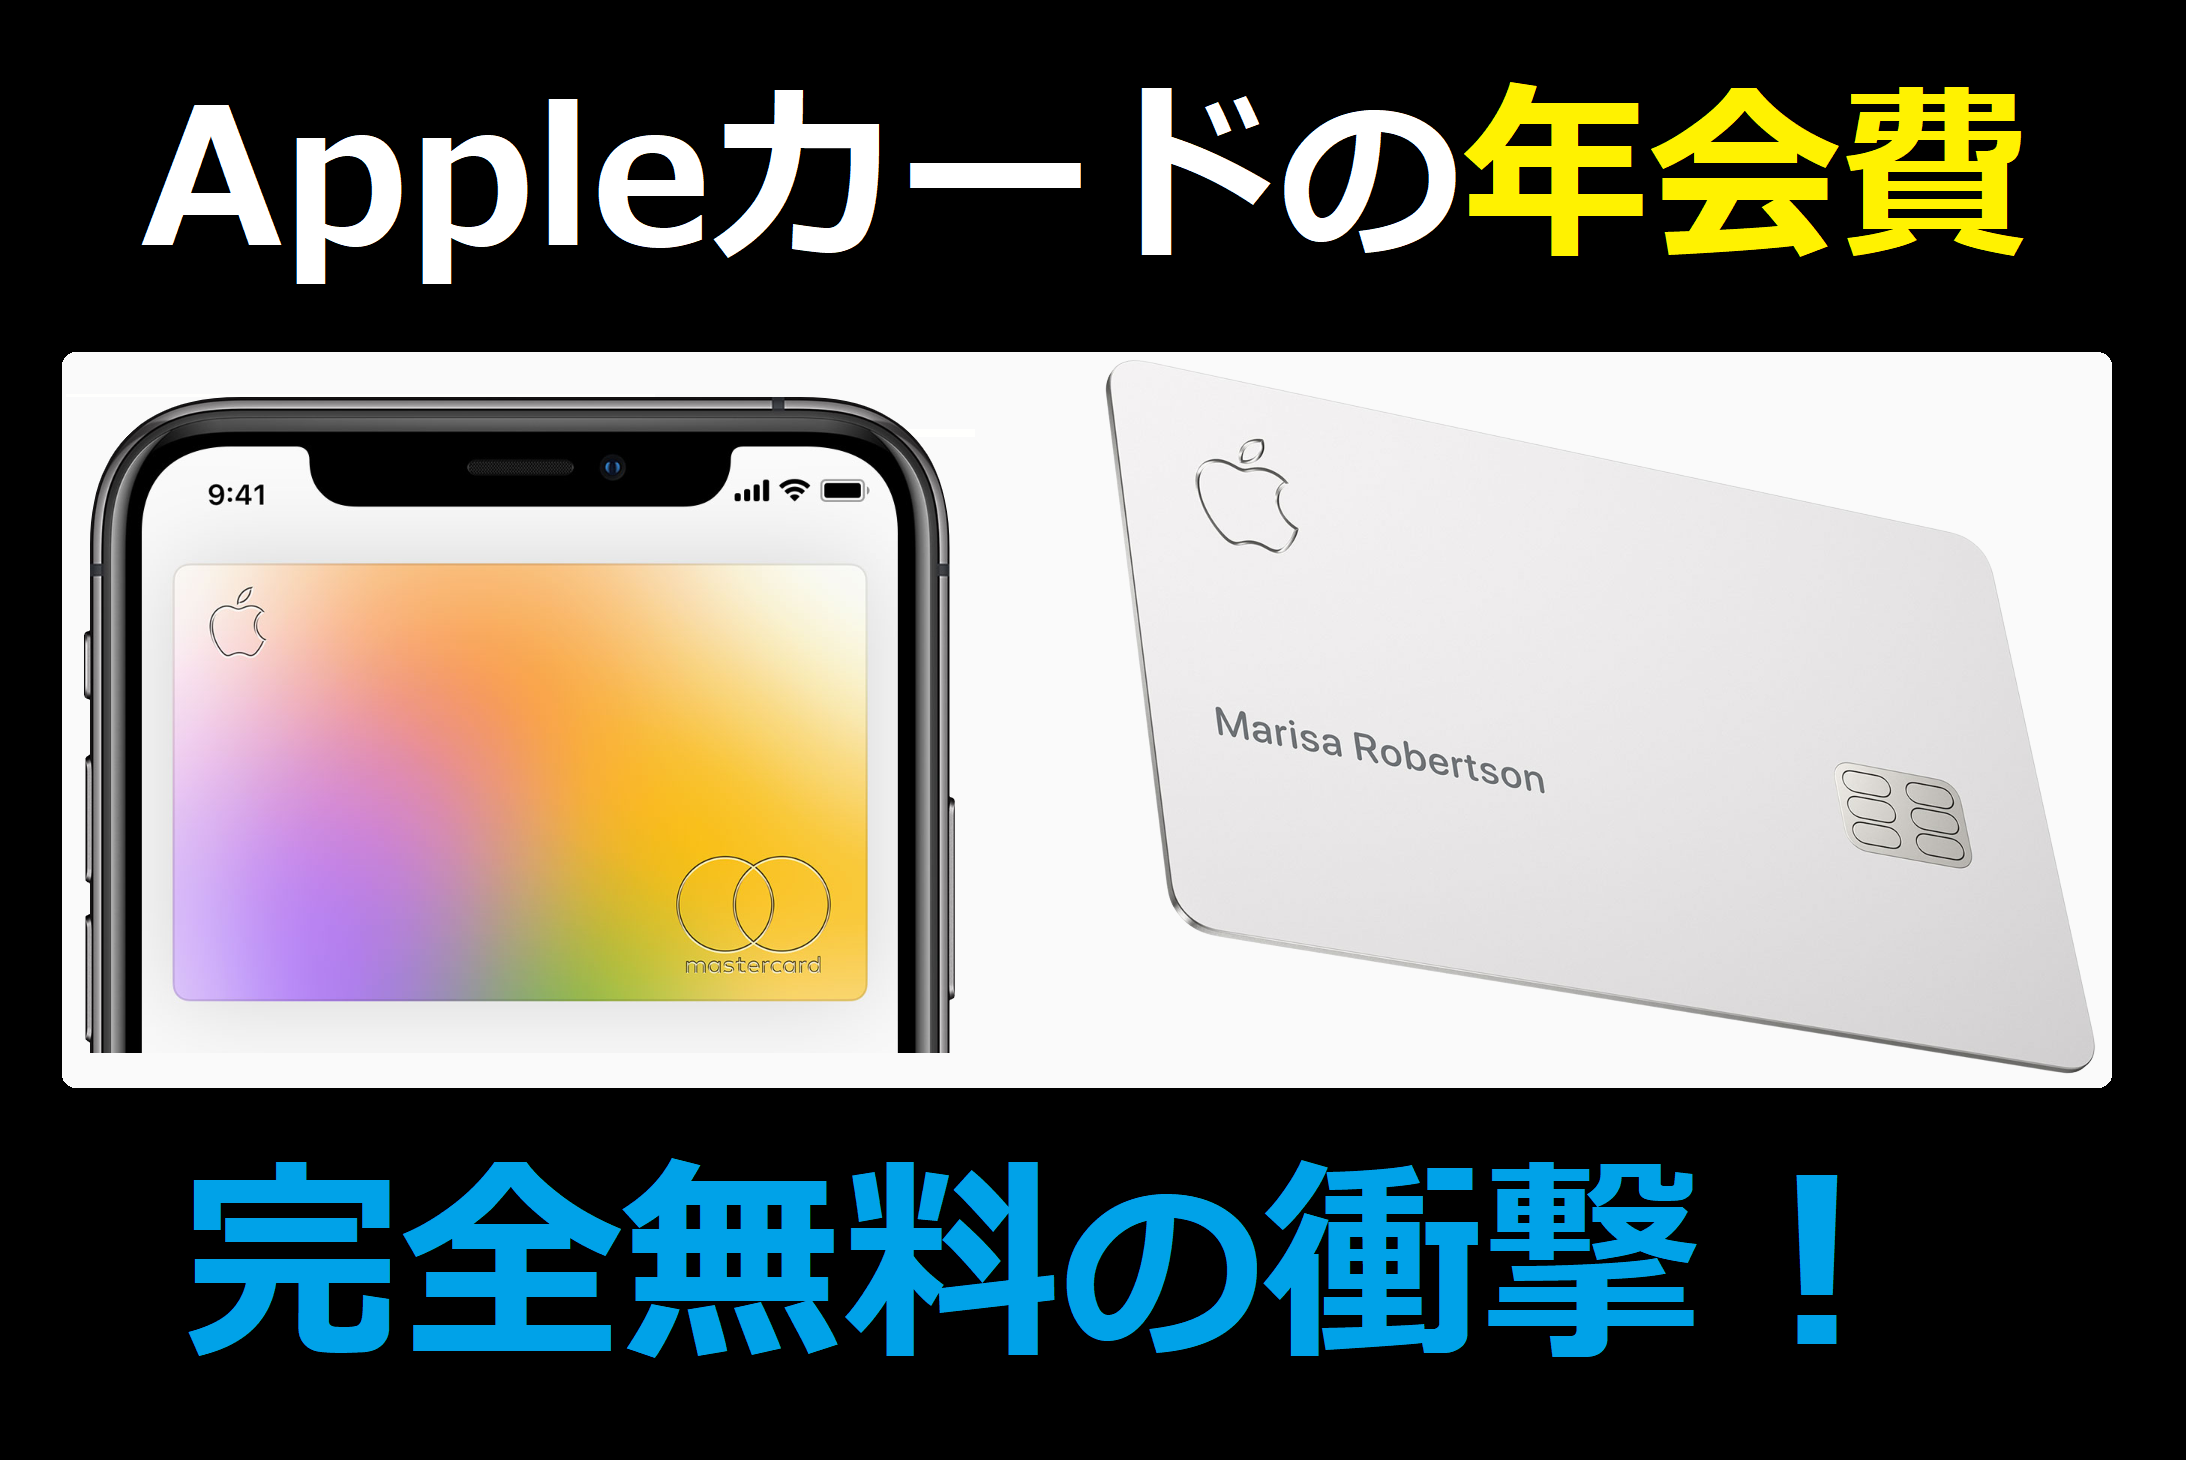 Appleカードの年会費は?チタンカードなのに完全無料の衝撃!